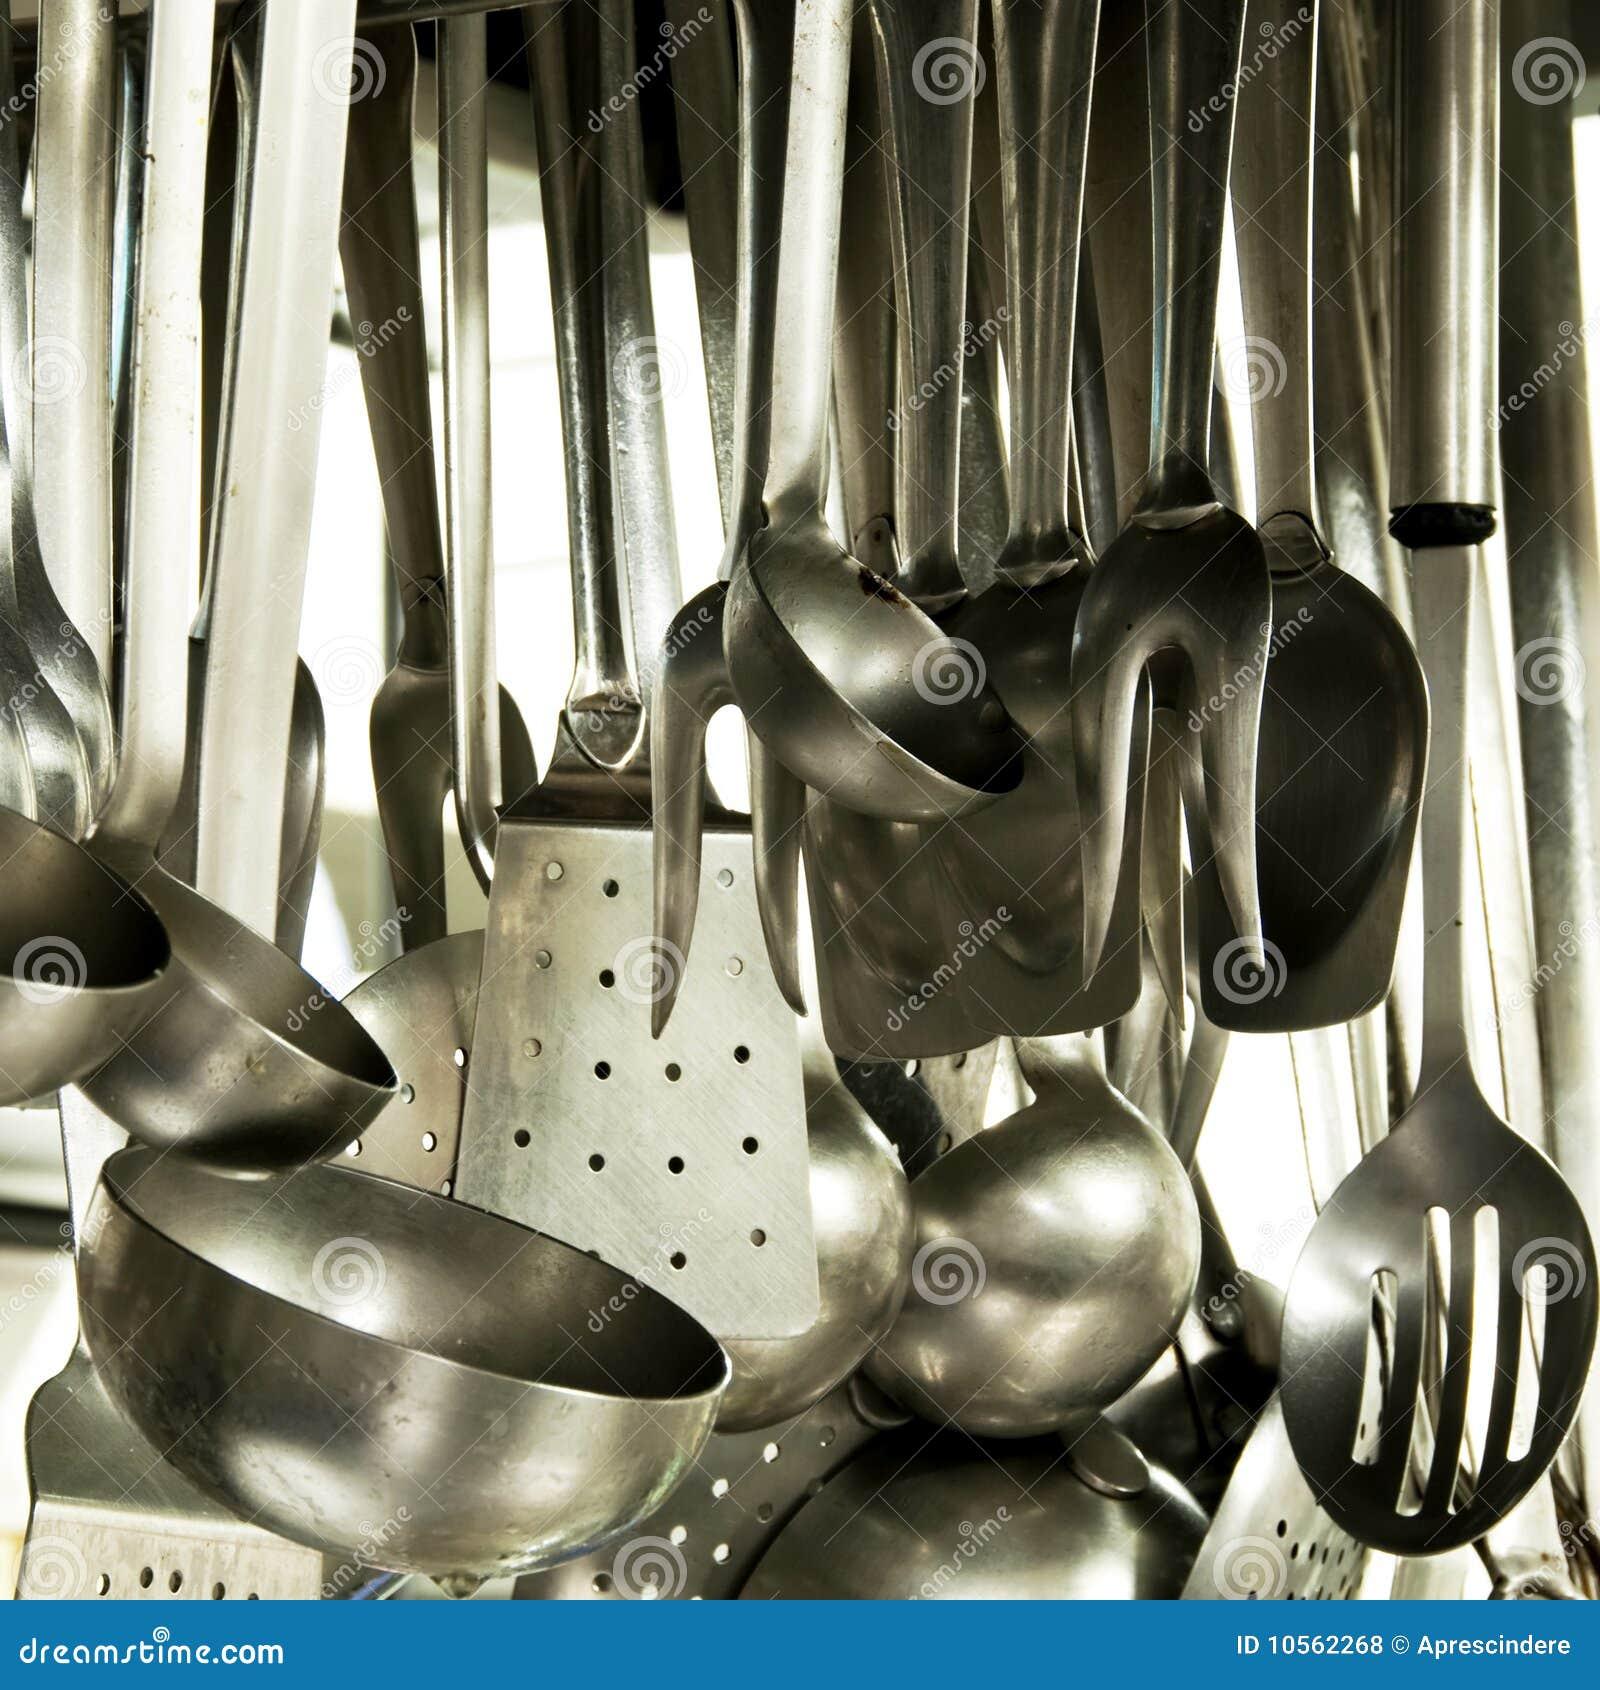 Dream Kitchen Utensils: Utensils In A Hotel Kitchen Royalty Free Stock Photos